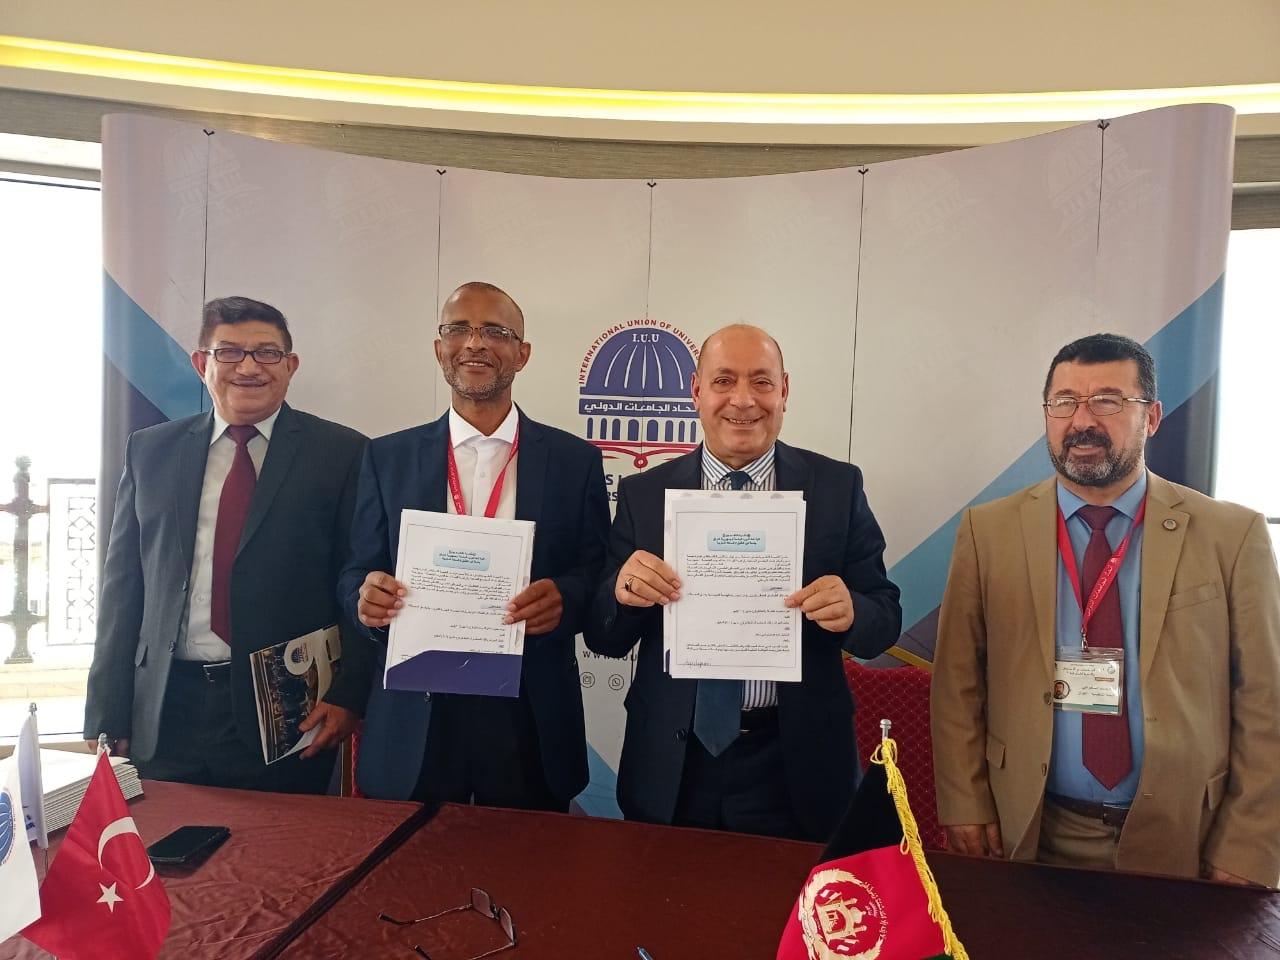 كلية شط العرب الجامعة توقع مذكرة تفاهم مع  جامعة ابن الطفيل المغربية